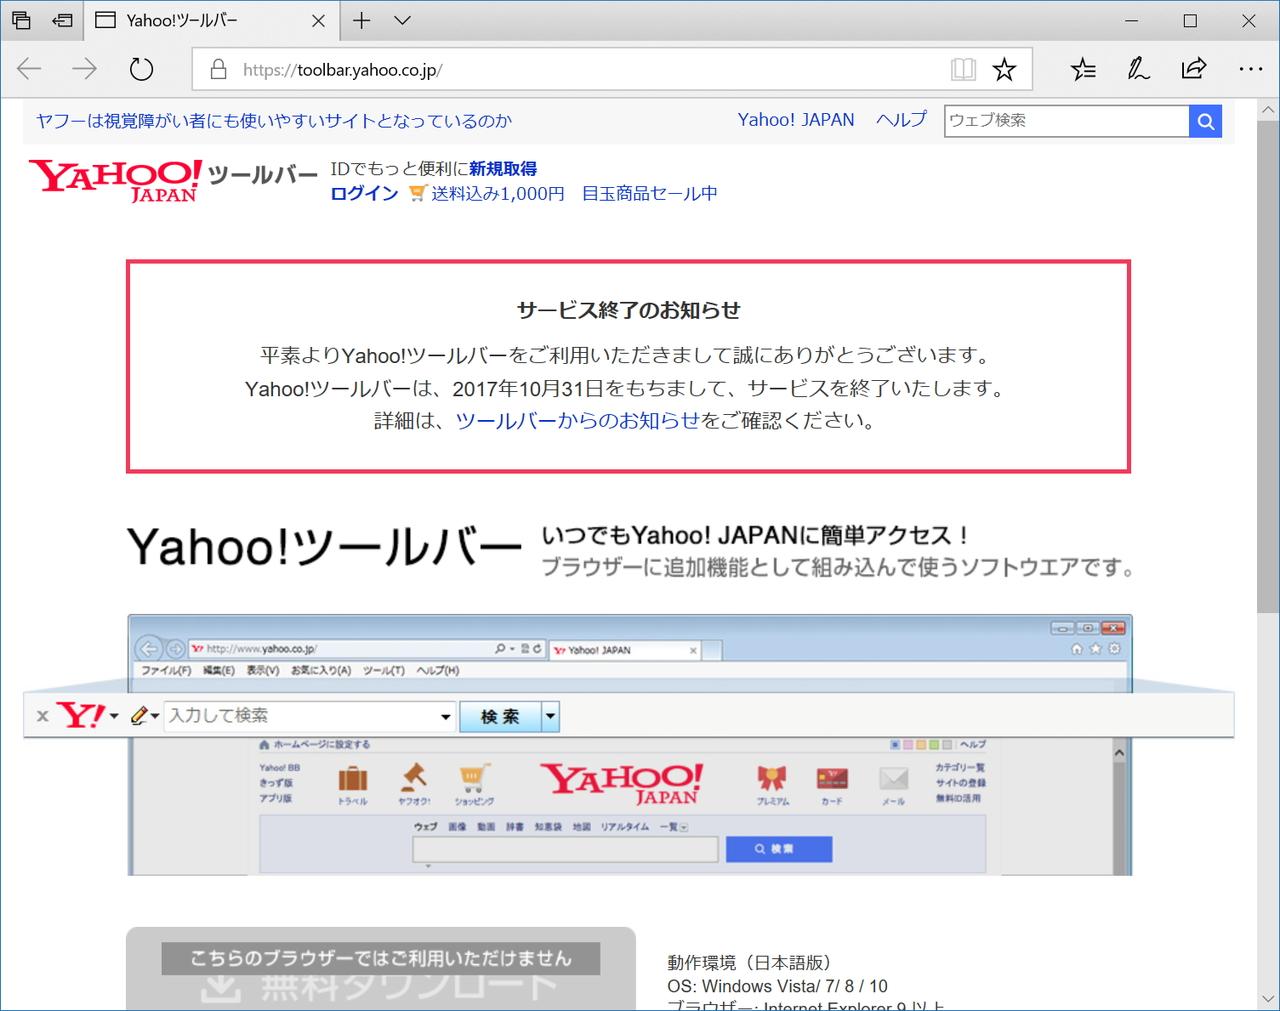 「Yahoo!ツールバー」のWebサイト